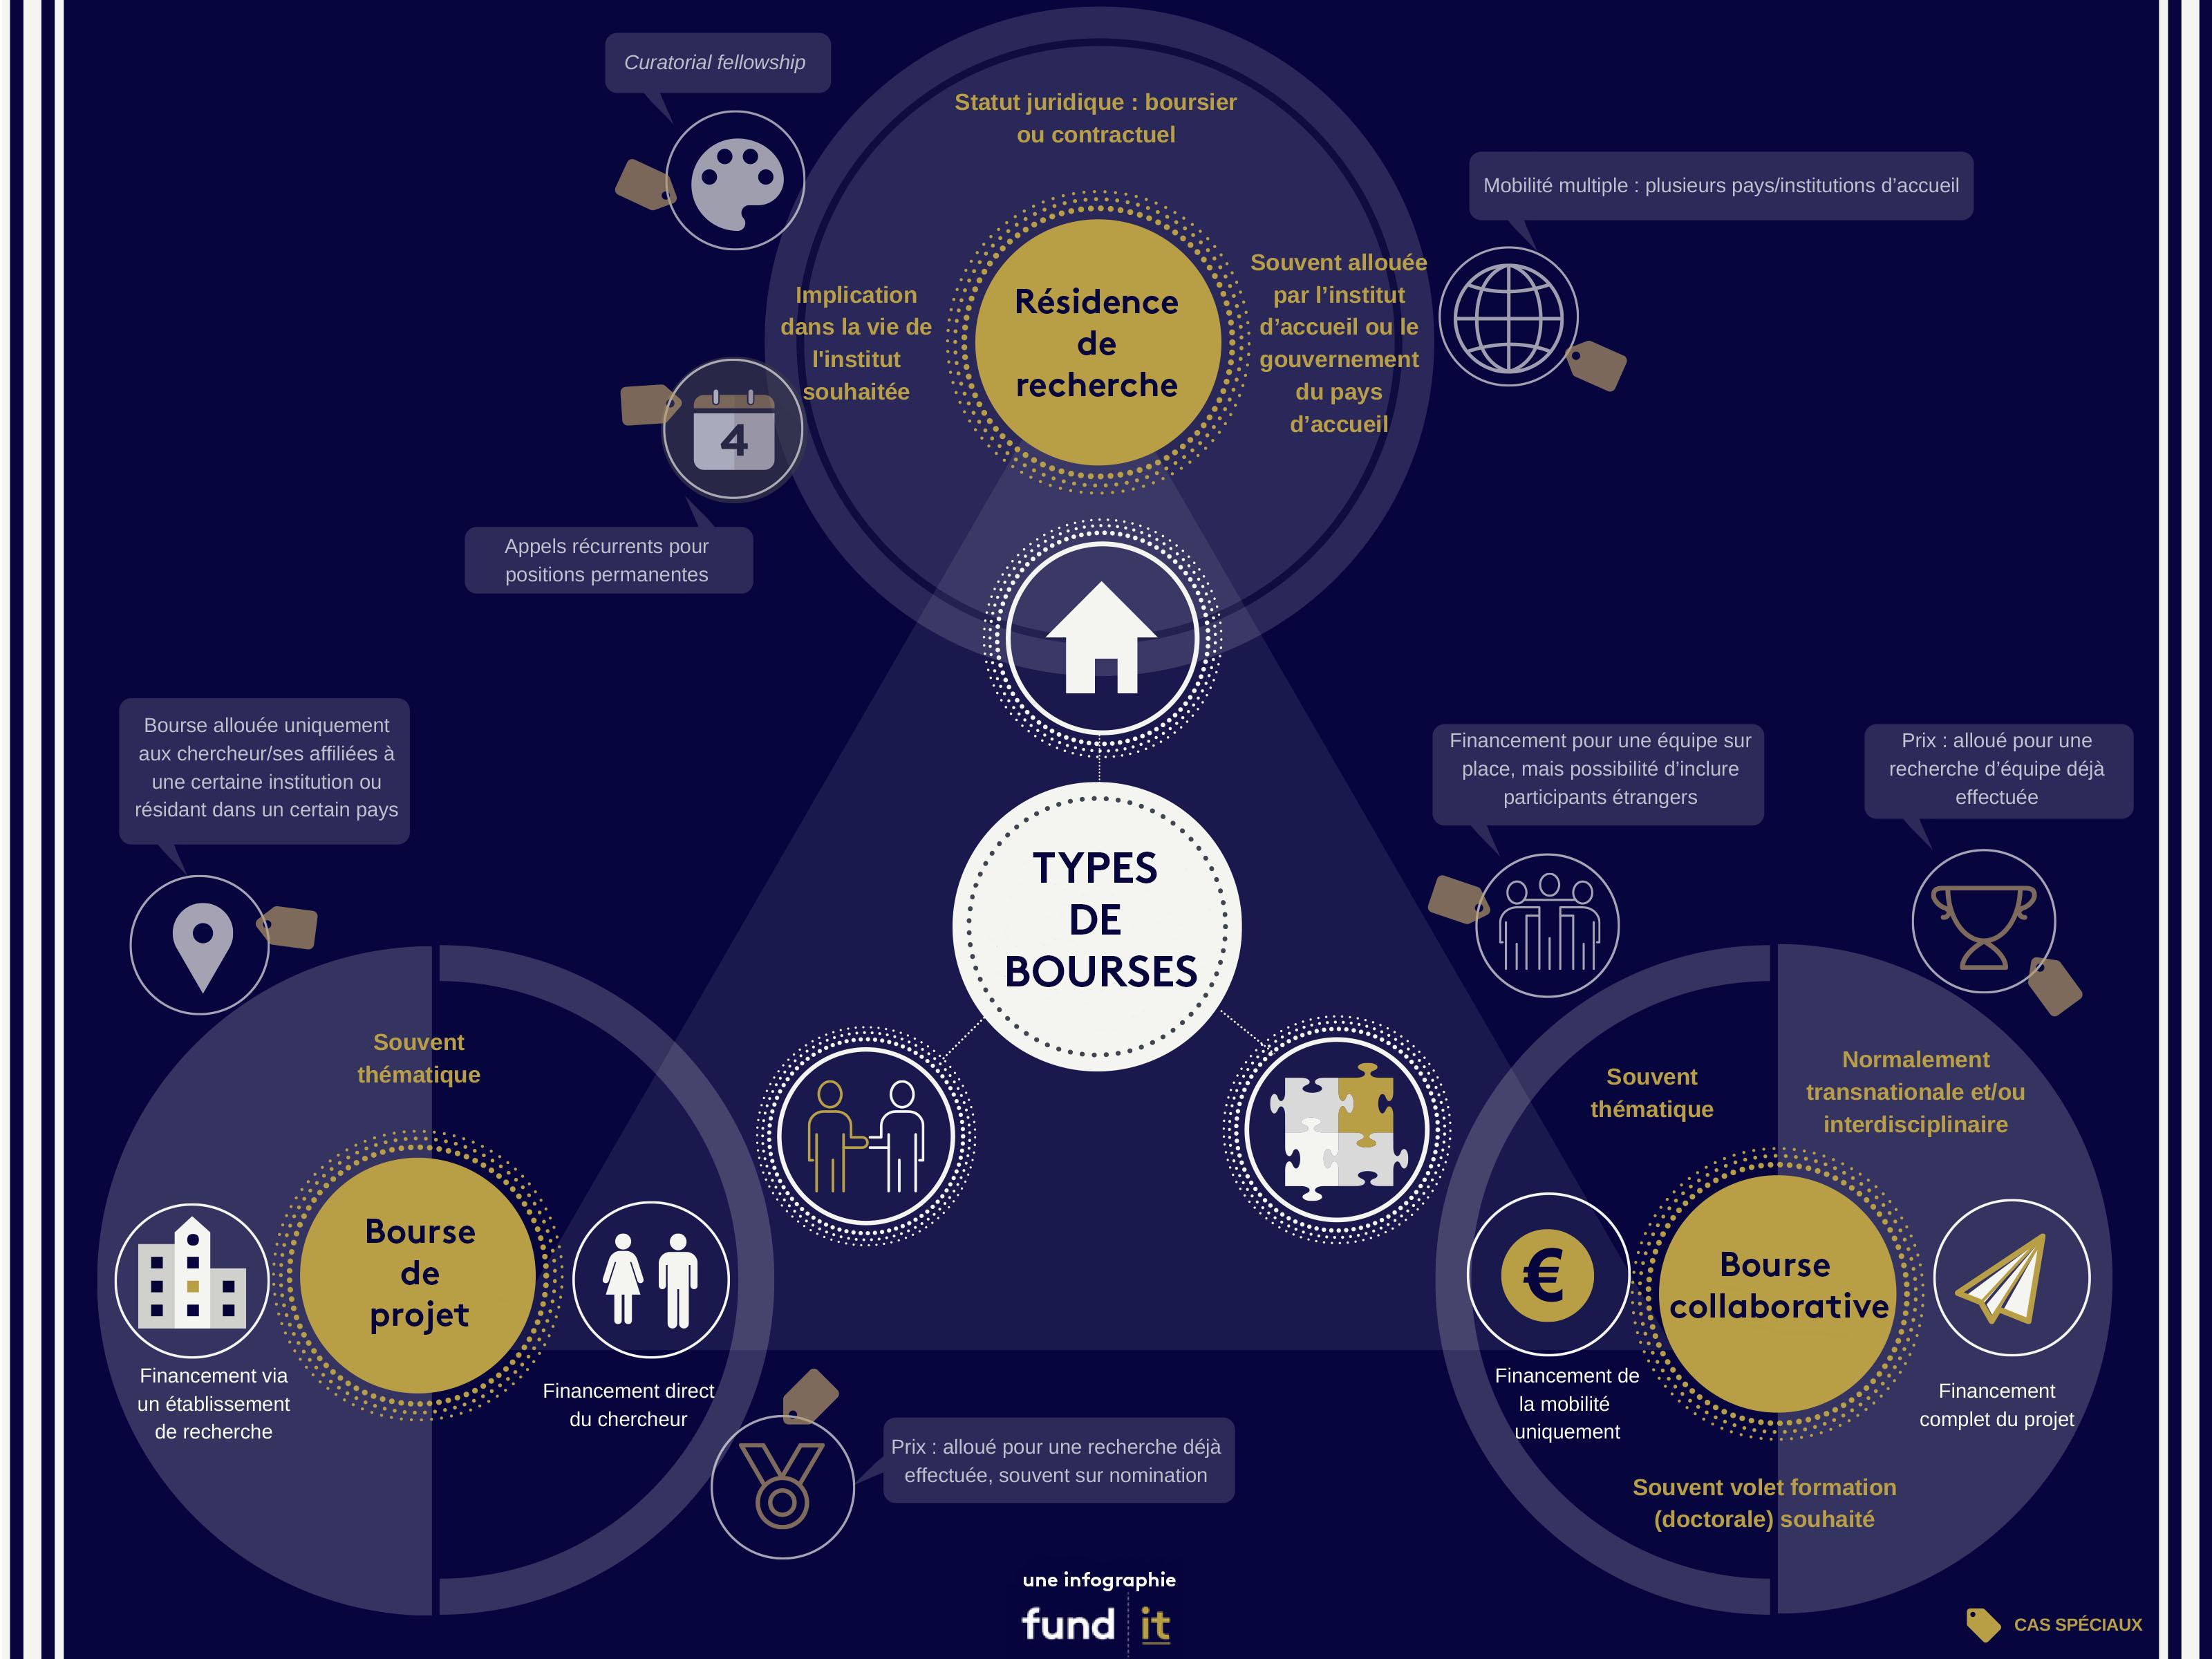 les différents types de bourse du financement de la recherche